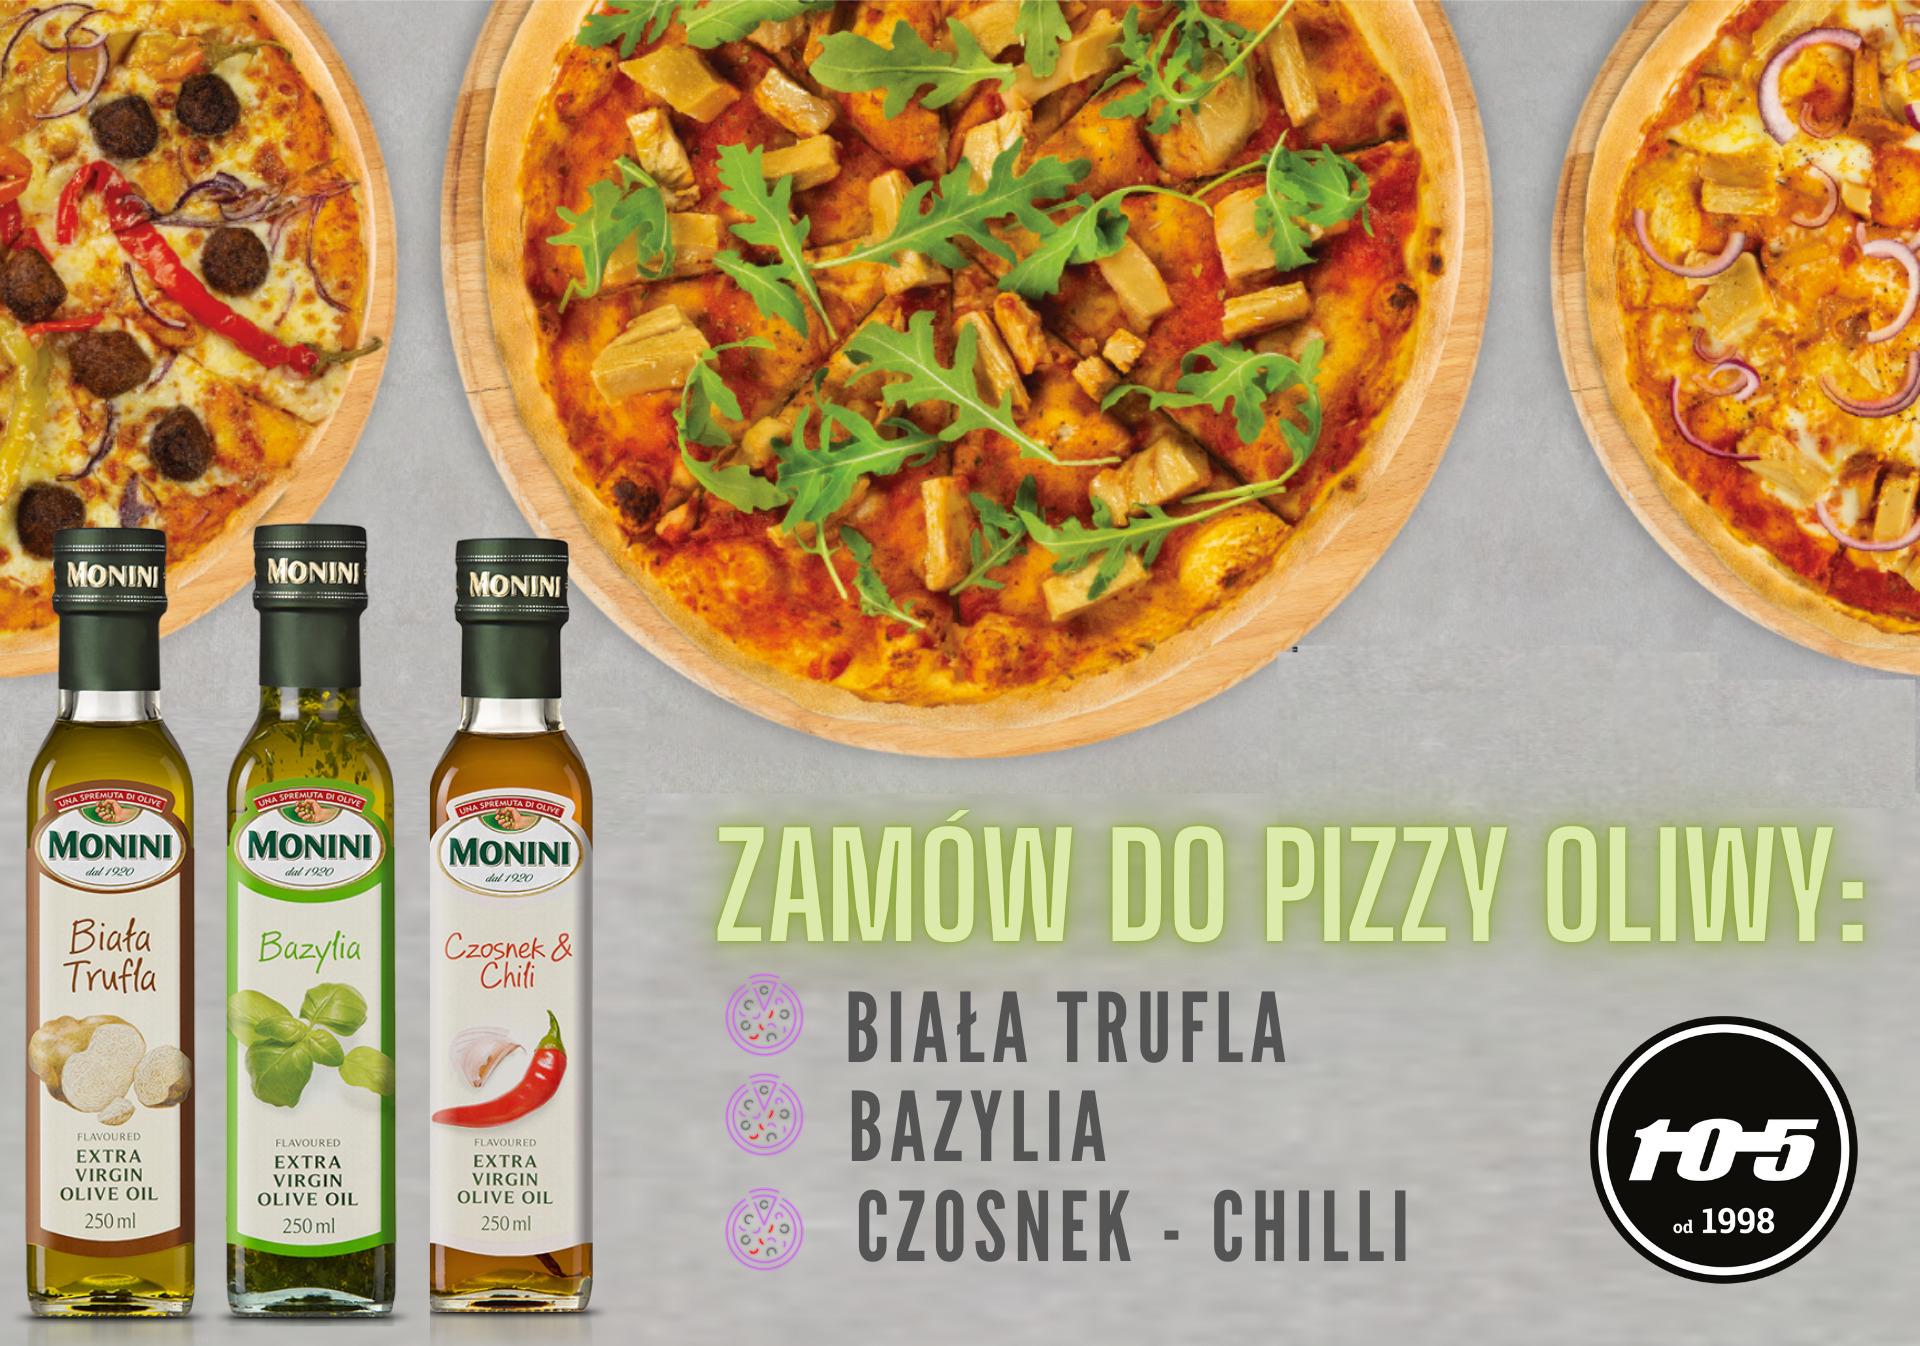 oliwy Pizzeria Stopiątka otworzyła swój pierwszy lokal w Zamościu.